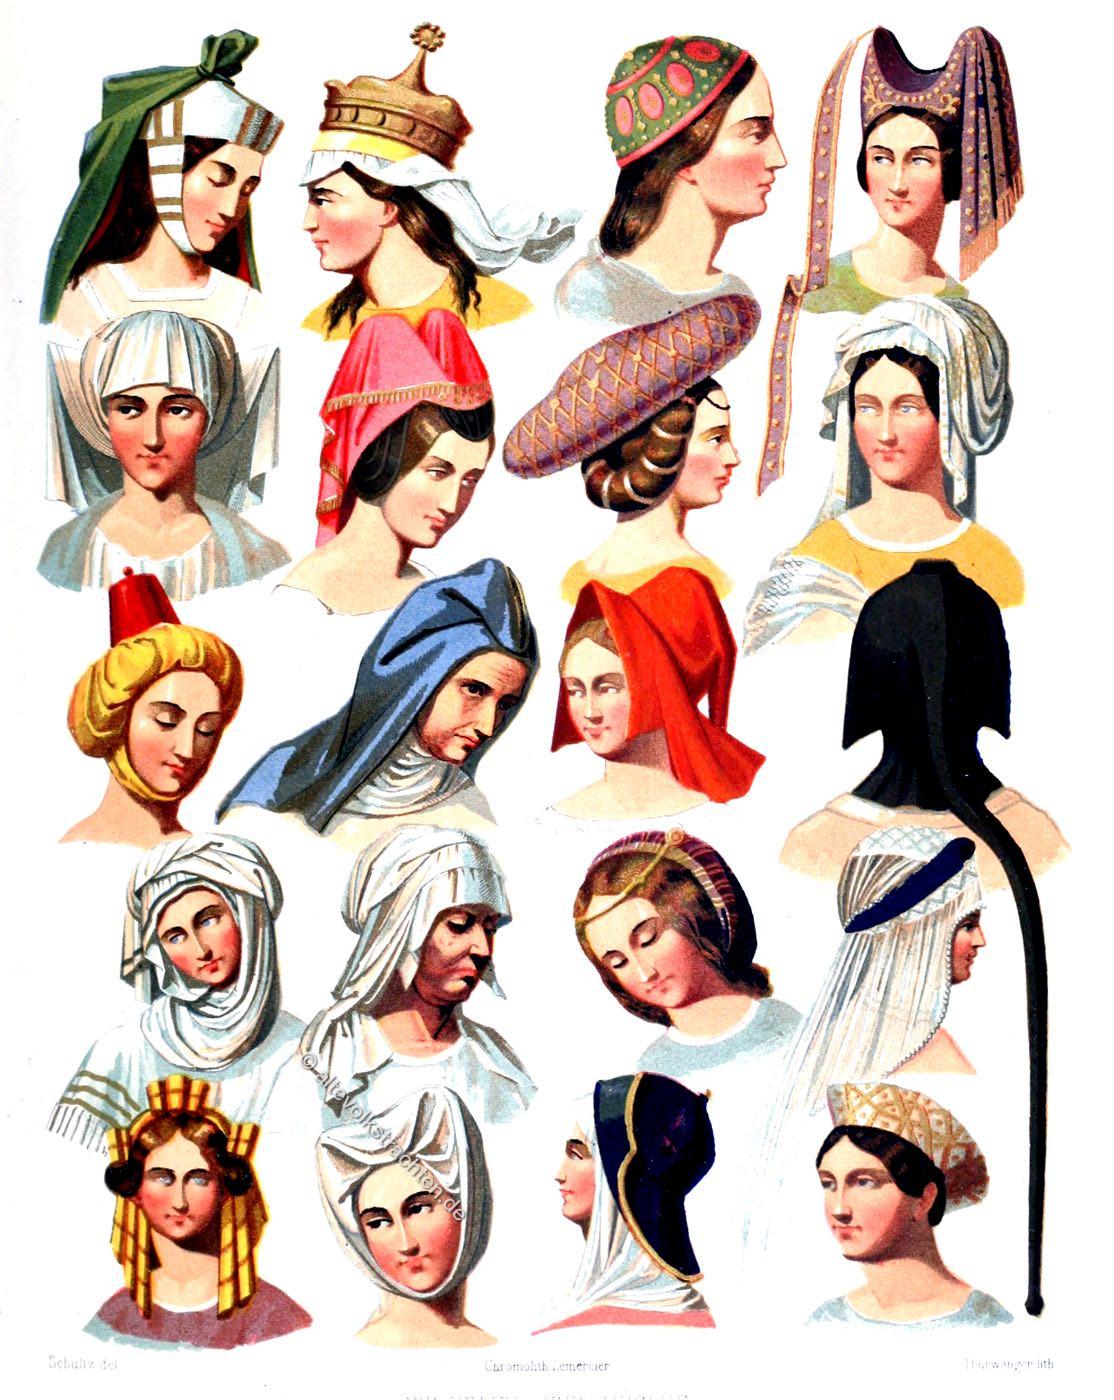 kauf verkauf wo zu kaufen riesiges Inventar Kopfbedeckungen vom 13. bis 16. Jahrhundert.